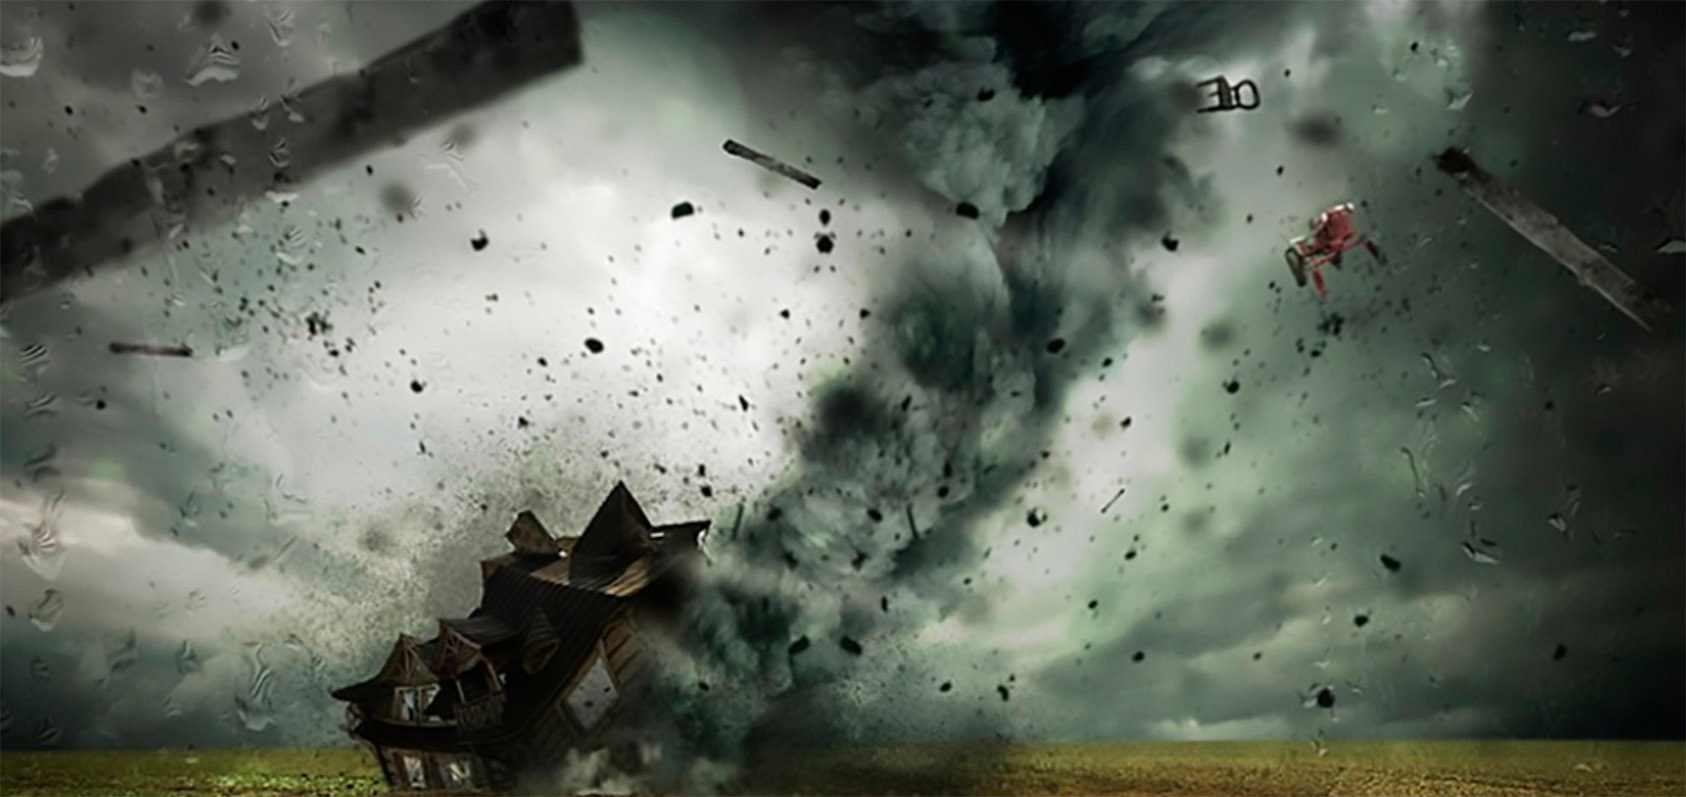 Nordic Klikfals er godkendt til orkanstyrke